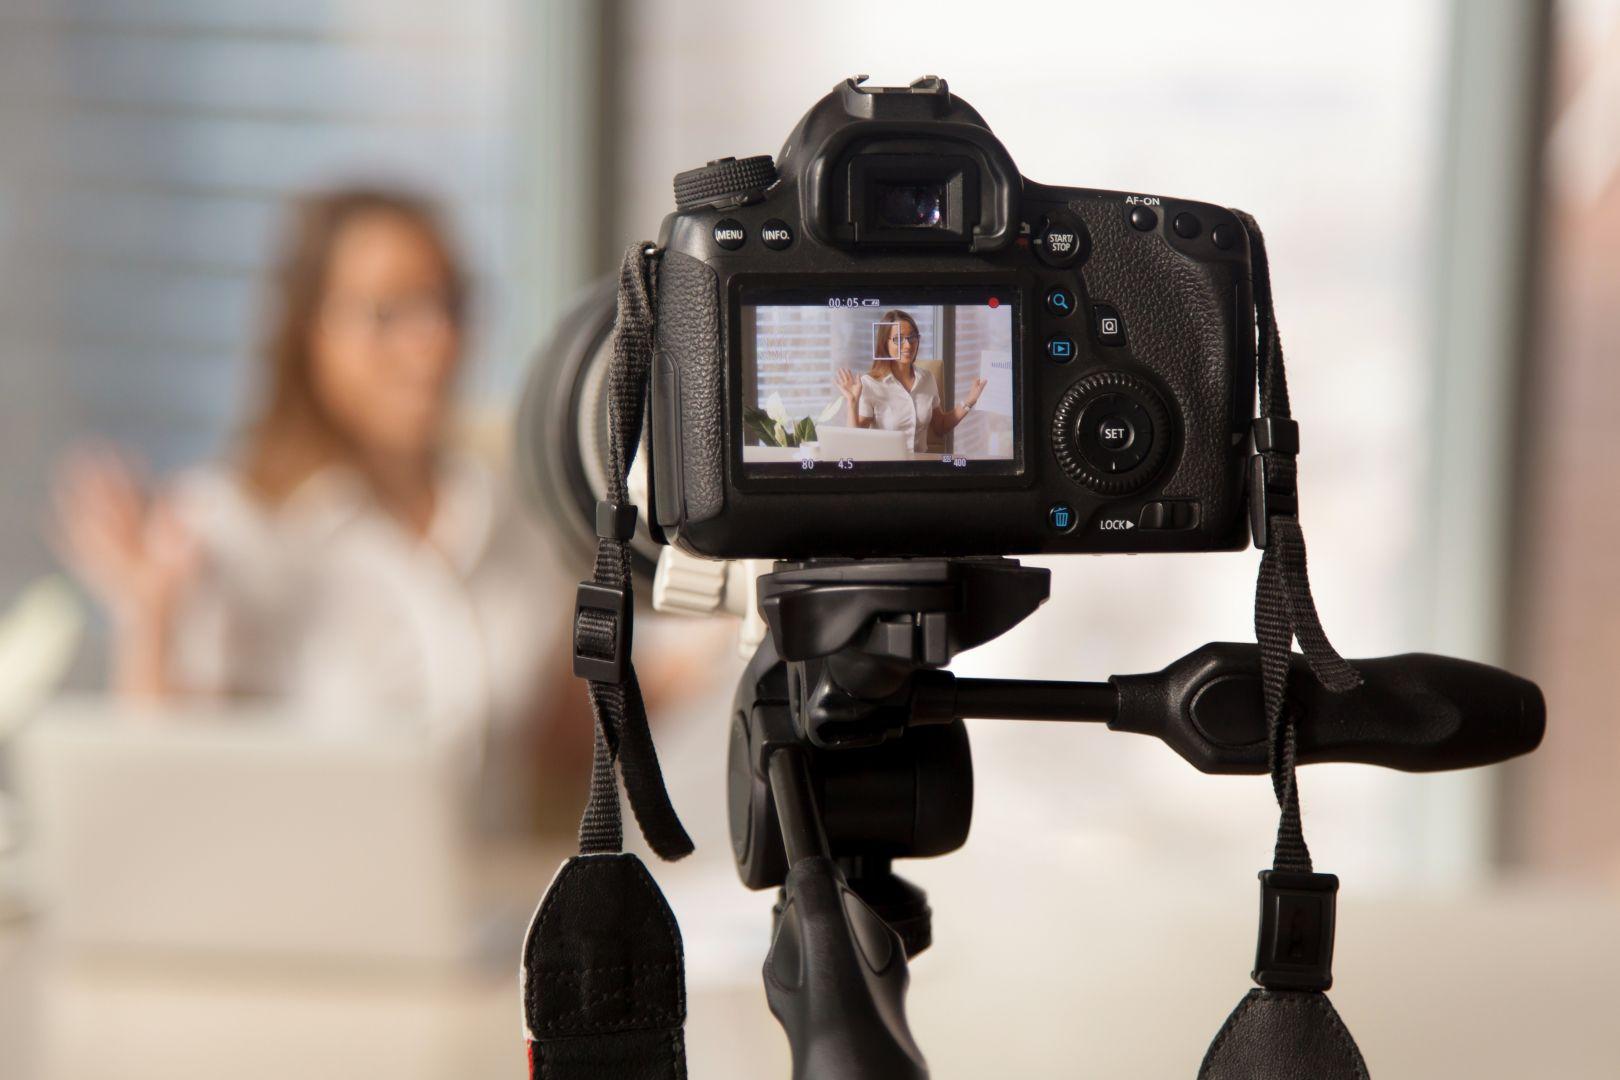 «Agents immobiliers : faites votre rentrée en vidéo !», Karine Mahieux Social Media Manager – Coach en stratégies numériques